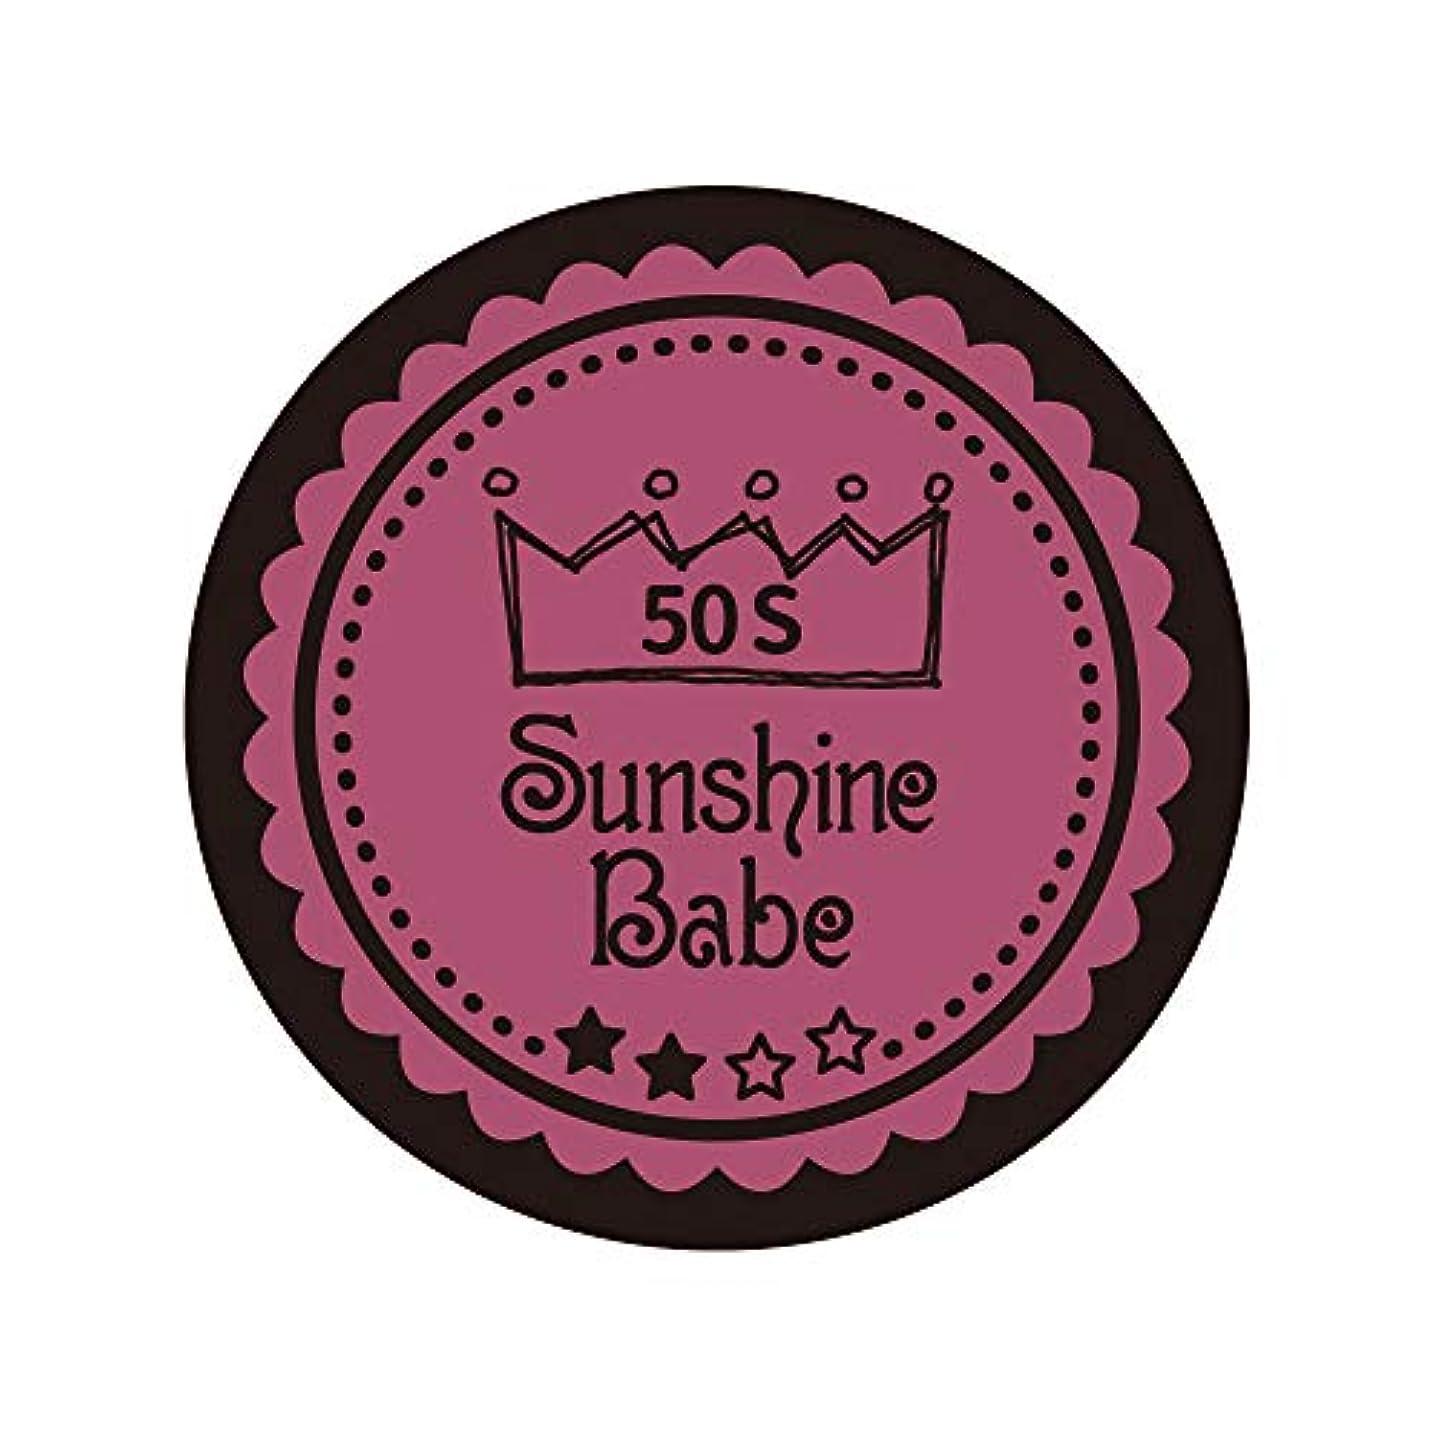 後継浪費上記の頭と肩Sunshine Babe カラージェル 50S ベイクドピンク 2.7g UV/LED対応